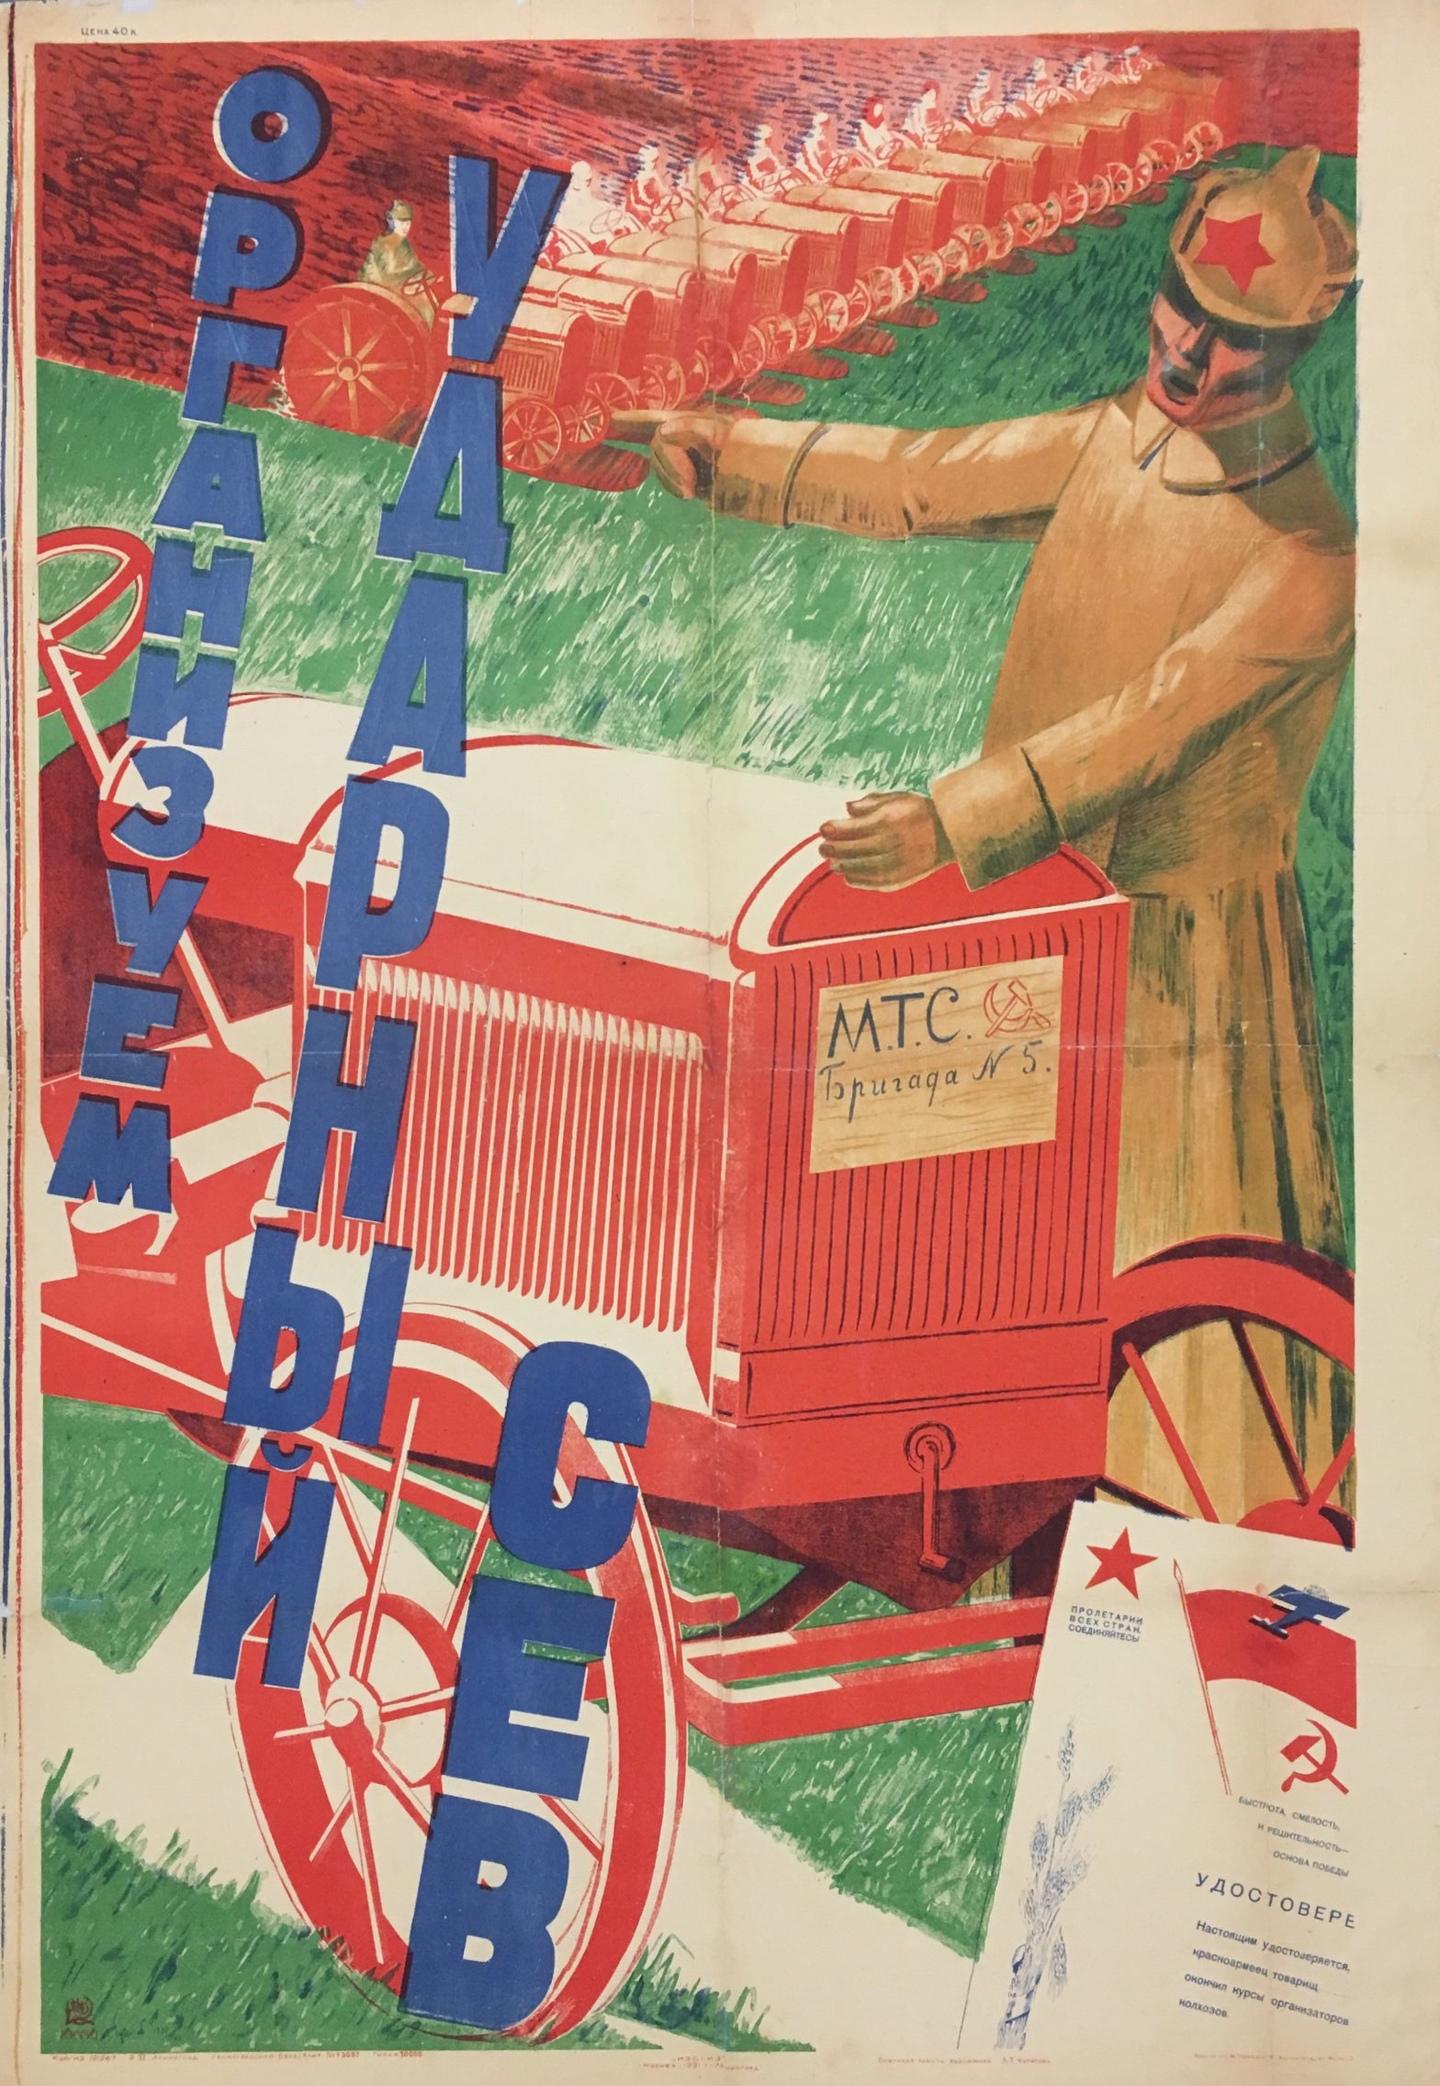 Л. Т. Чупятов. «Организуем ударный сев». — Ленинград : ИЗОГИЗ, 1930